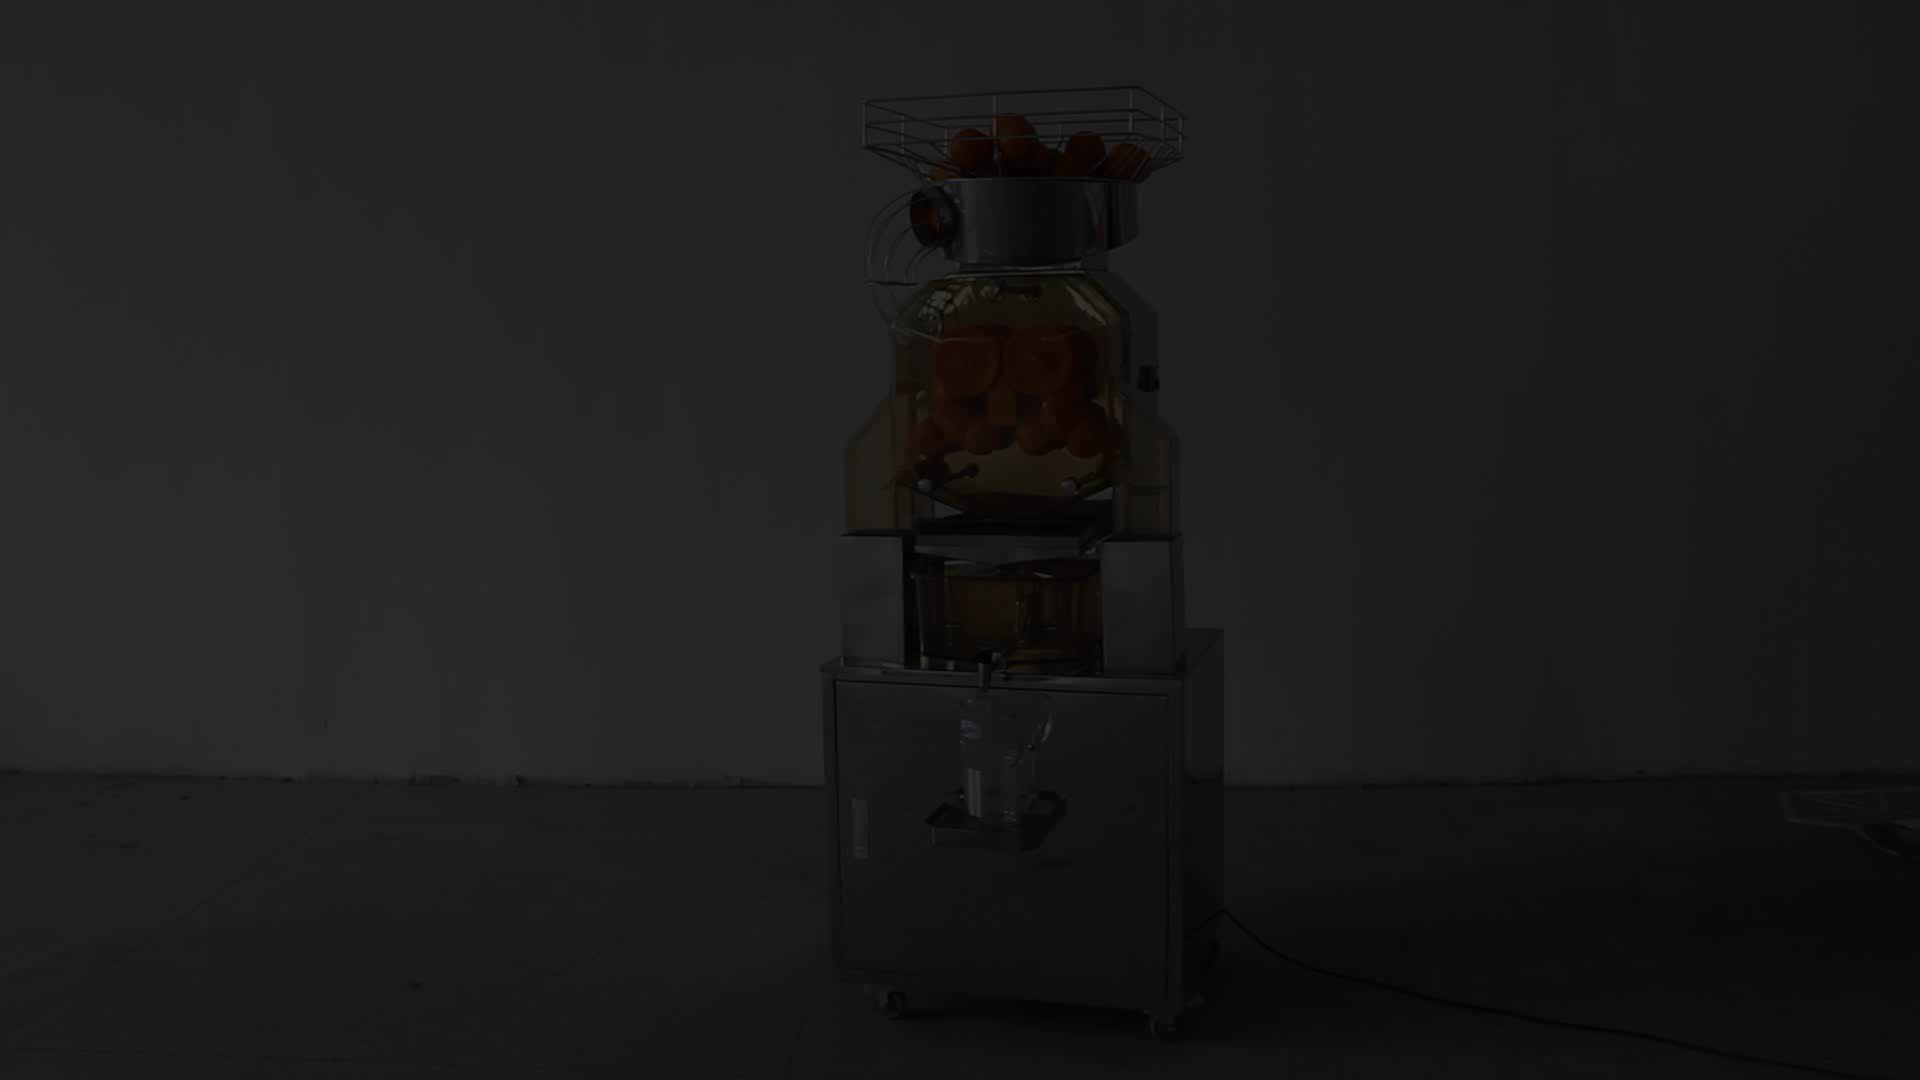 वाणिज्यिक स्वत: बिजली नारंगी नींबू का रस मशीन निर्माता जूसर